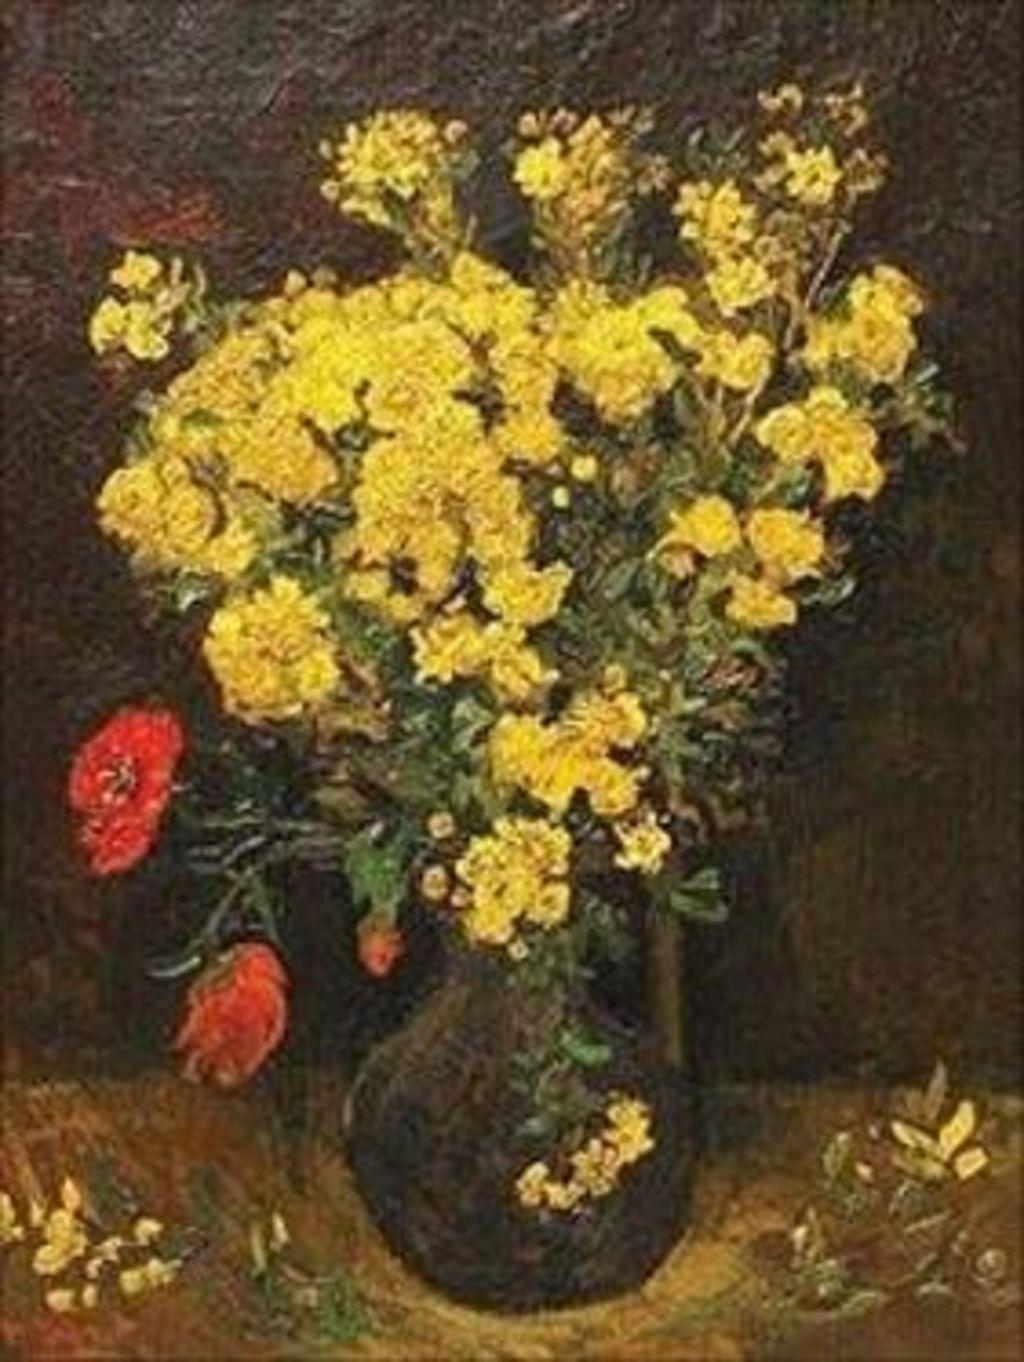 Egypt Van Gogh 'is still missing'